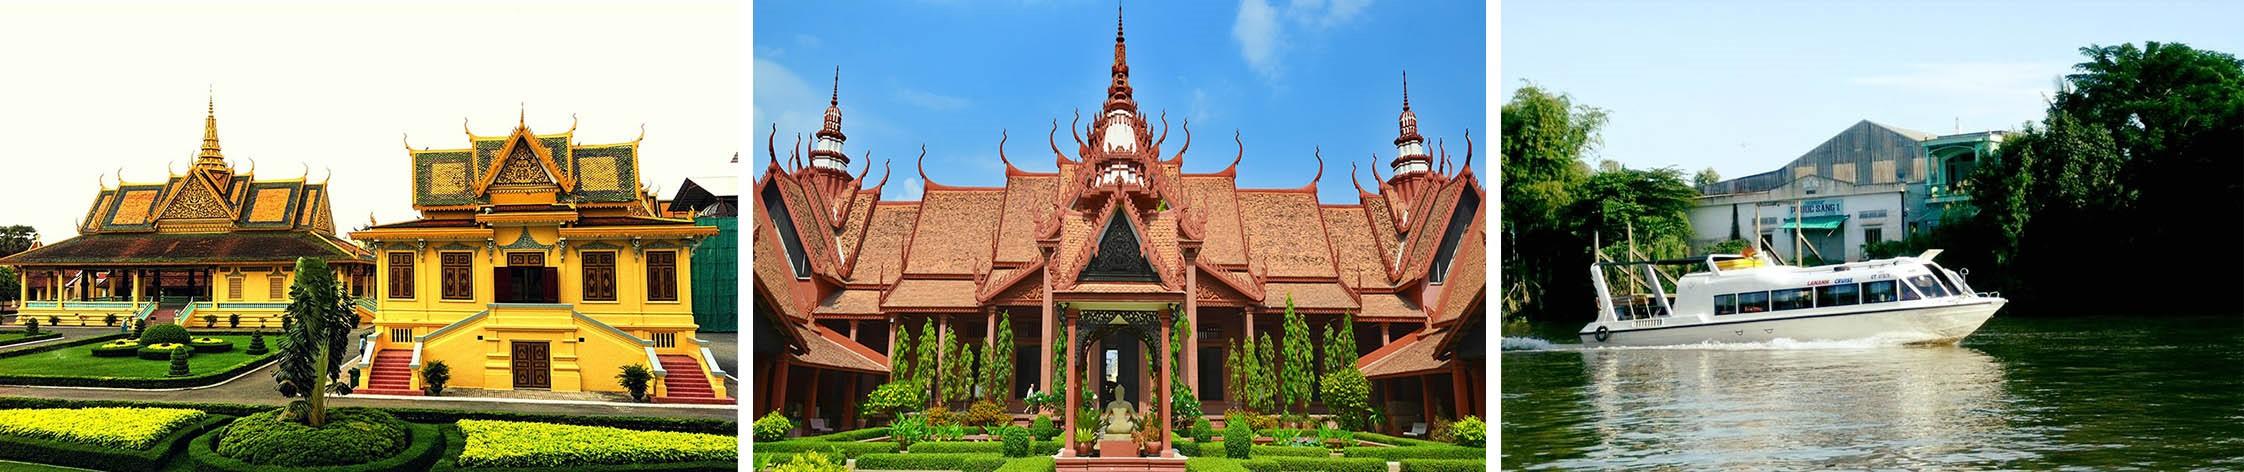 DÍA 6 : PHNOM PENH / CHAU DOC (visitas y 5 horas de barco sobre el Mekong) (D/A/C)